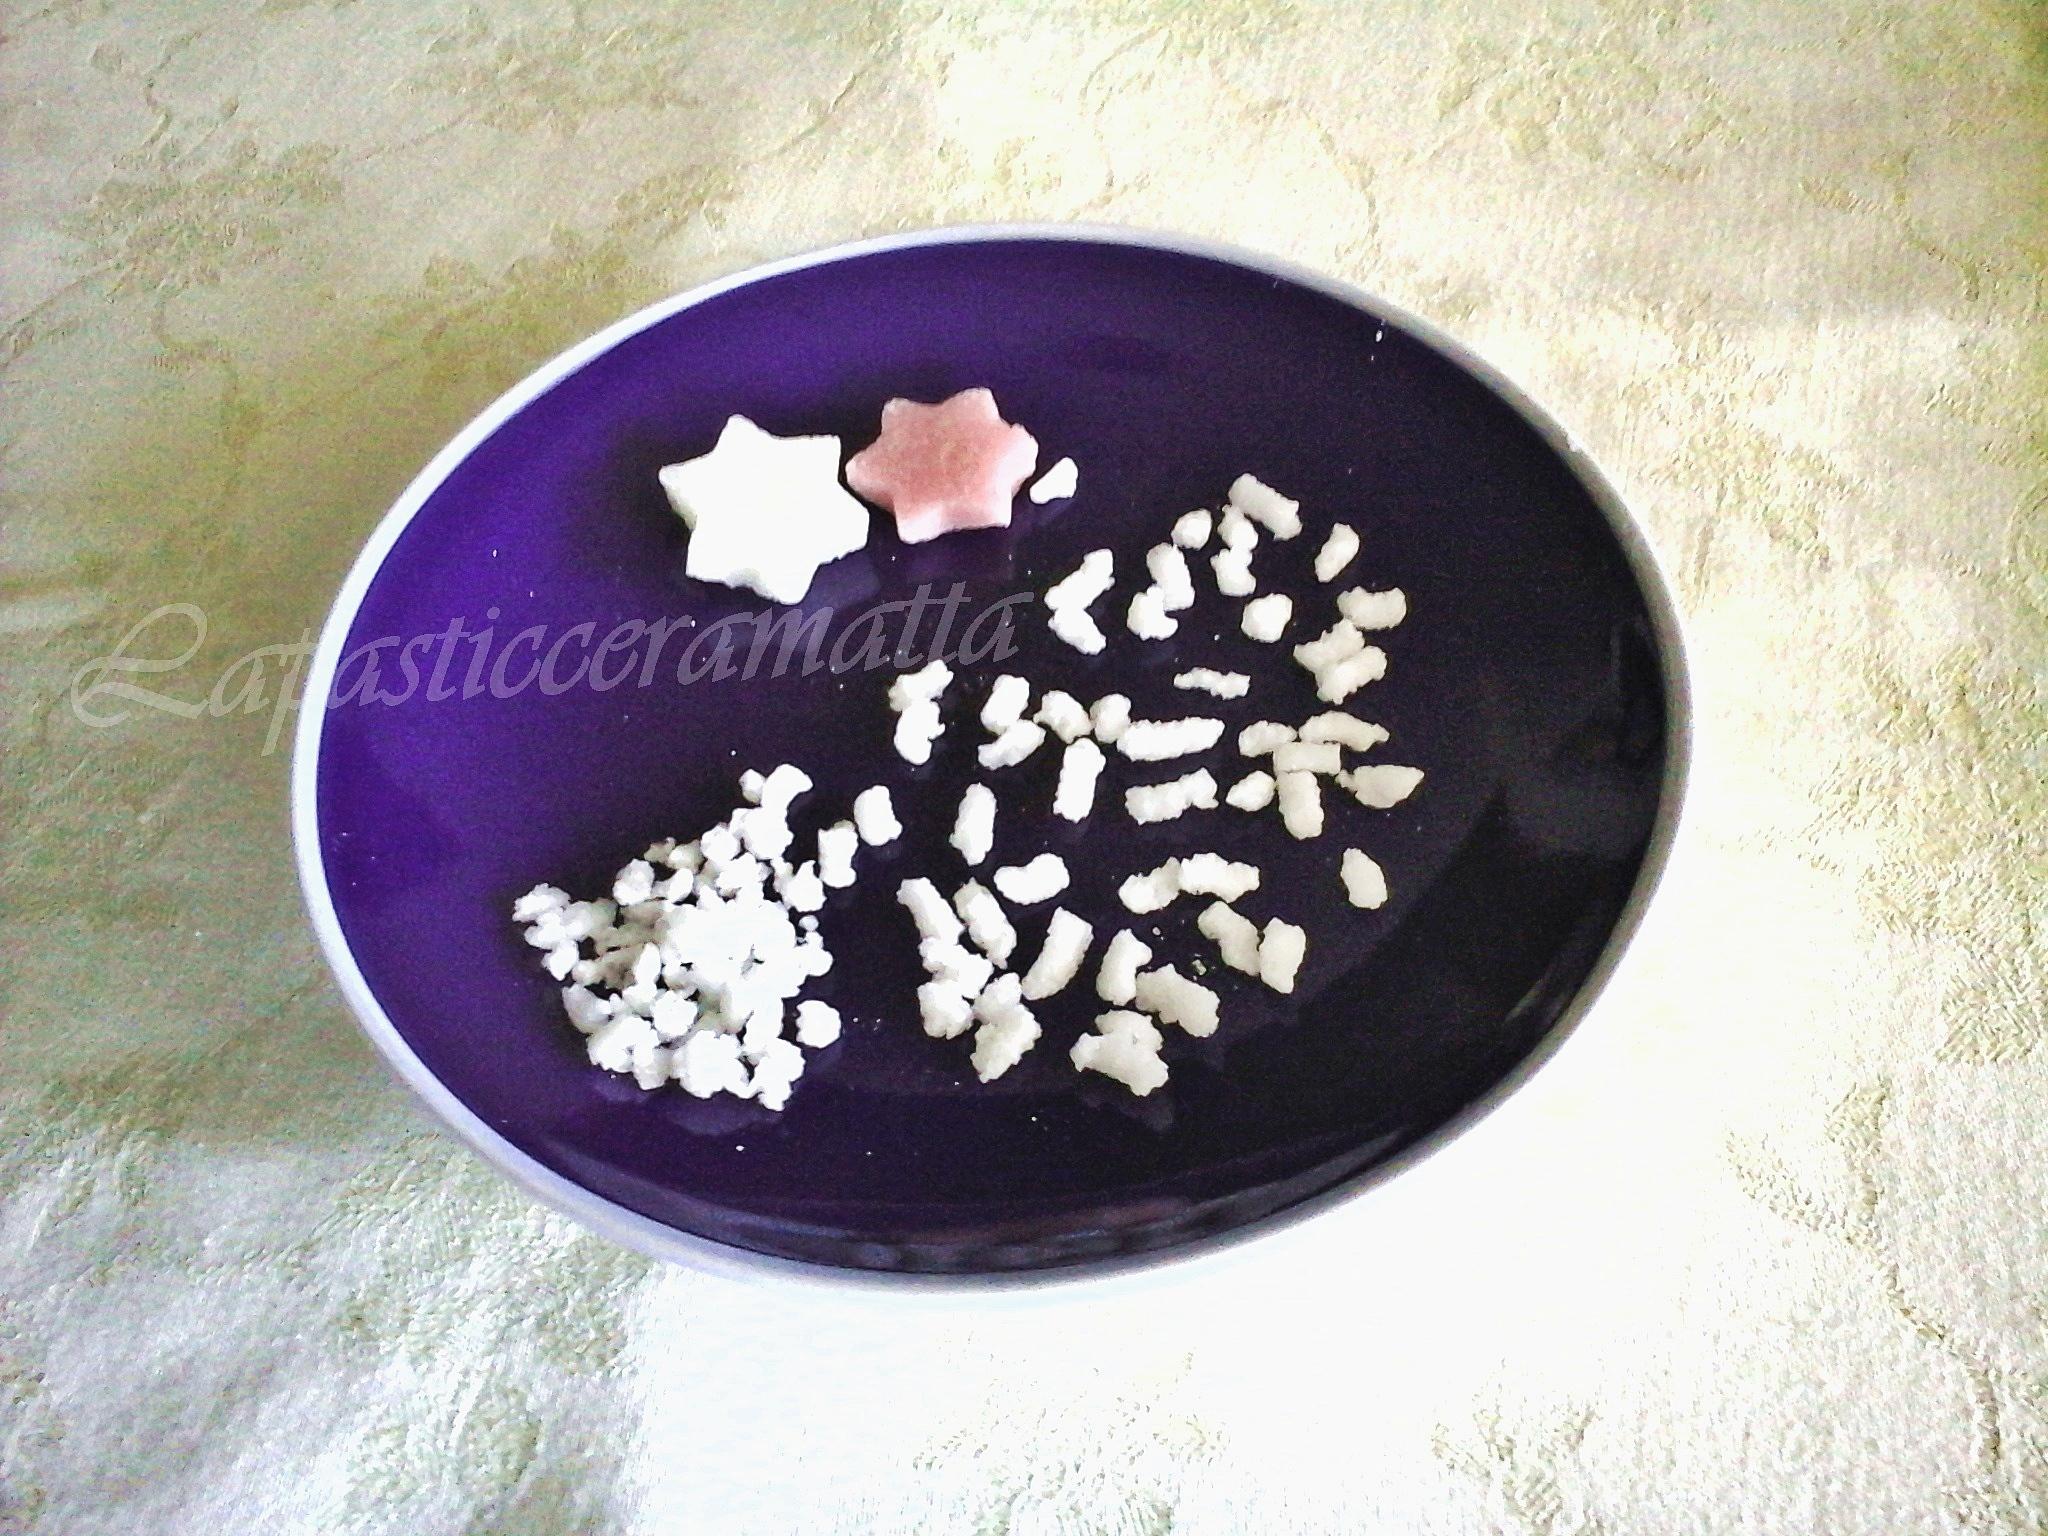 Granella di zucchero e decorazioni fatte in casa